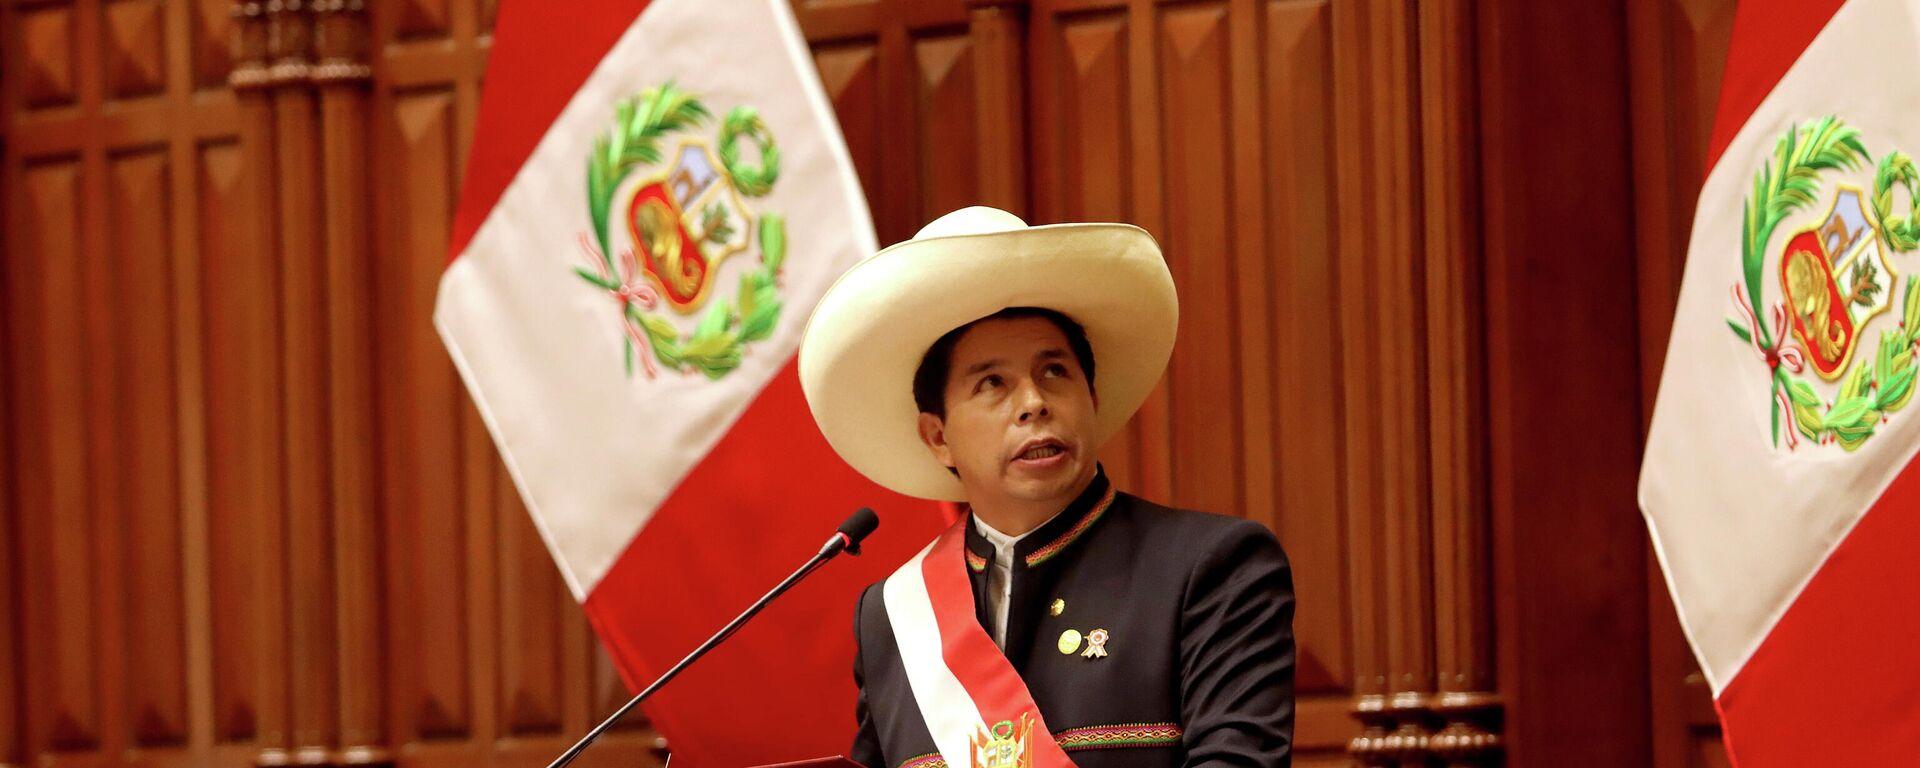 Pedro Castillo, presidente de Perú - Sputnik Mundo, 1920, 06.08.2021